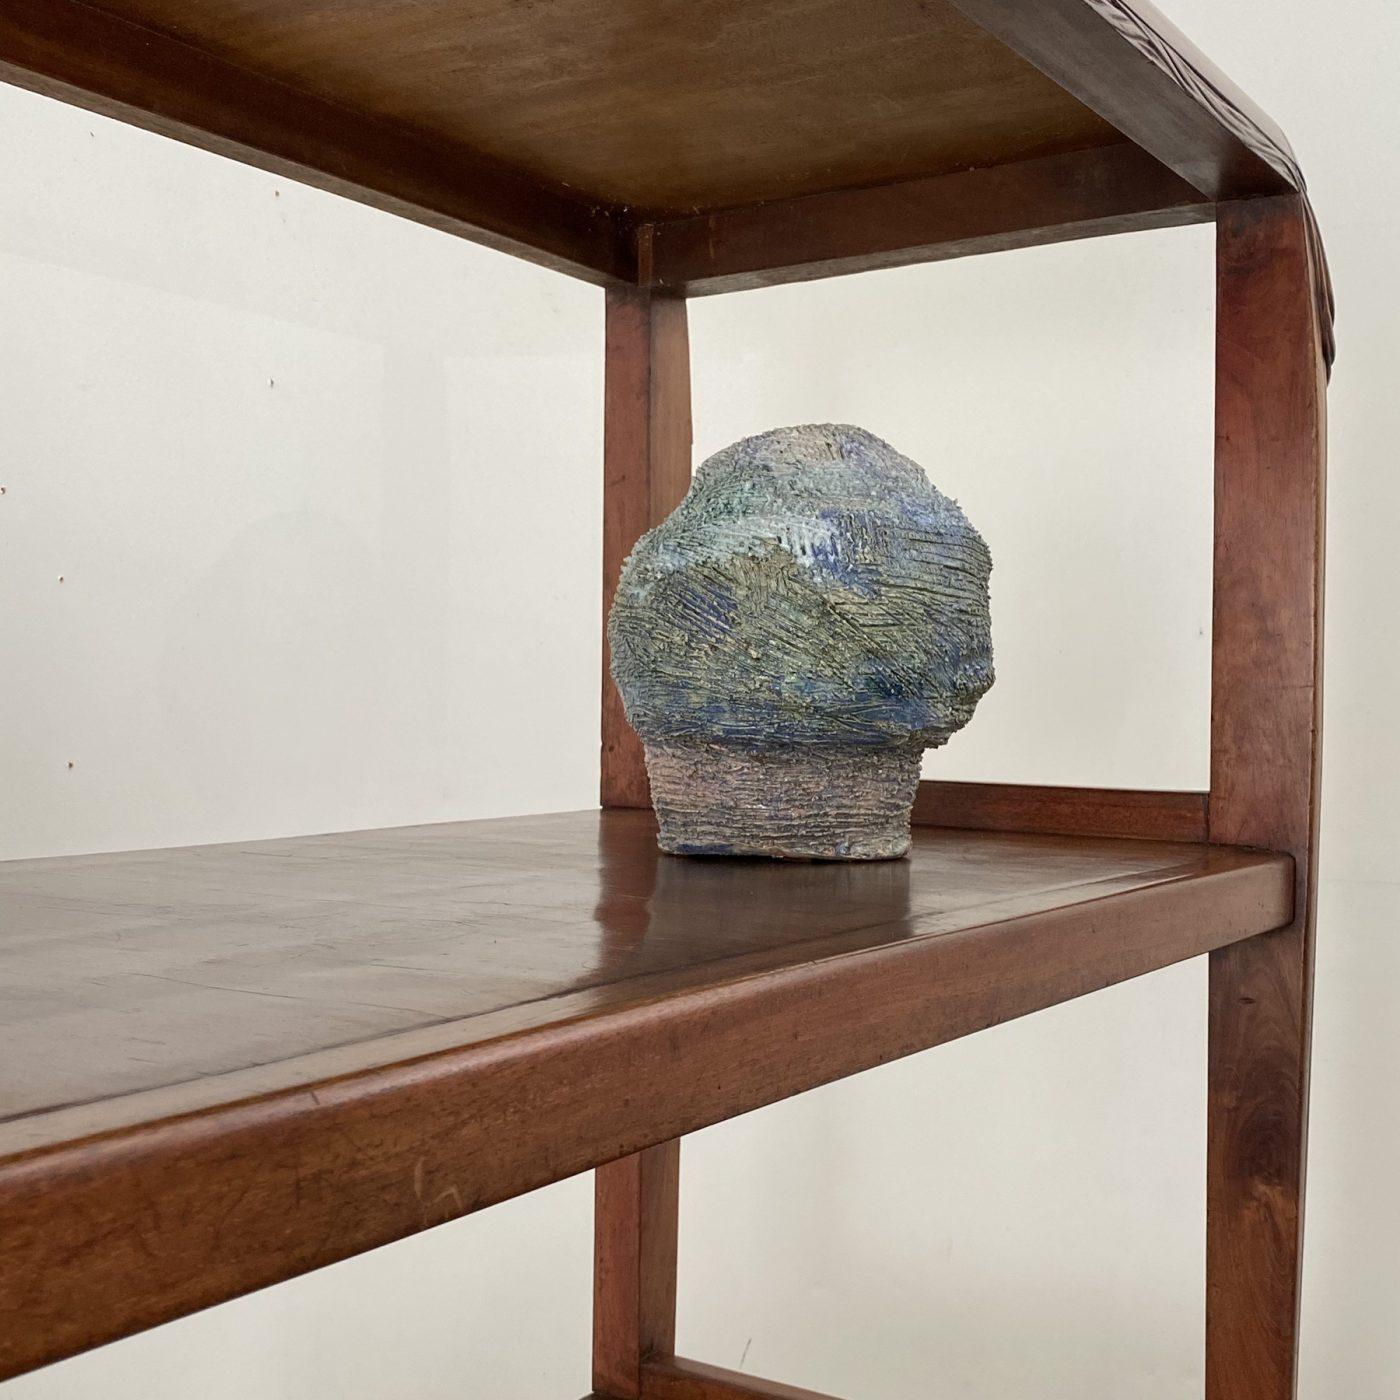 objet-vagabond-french-shop-shelf0007